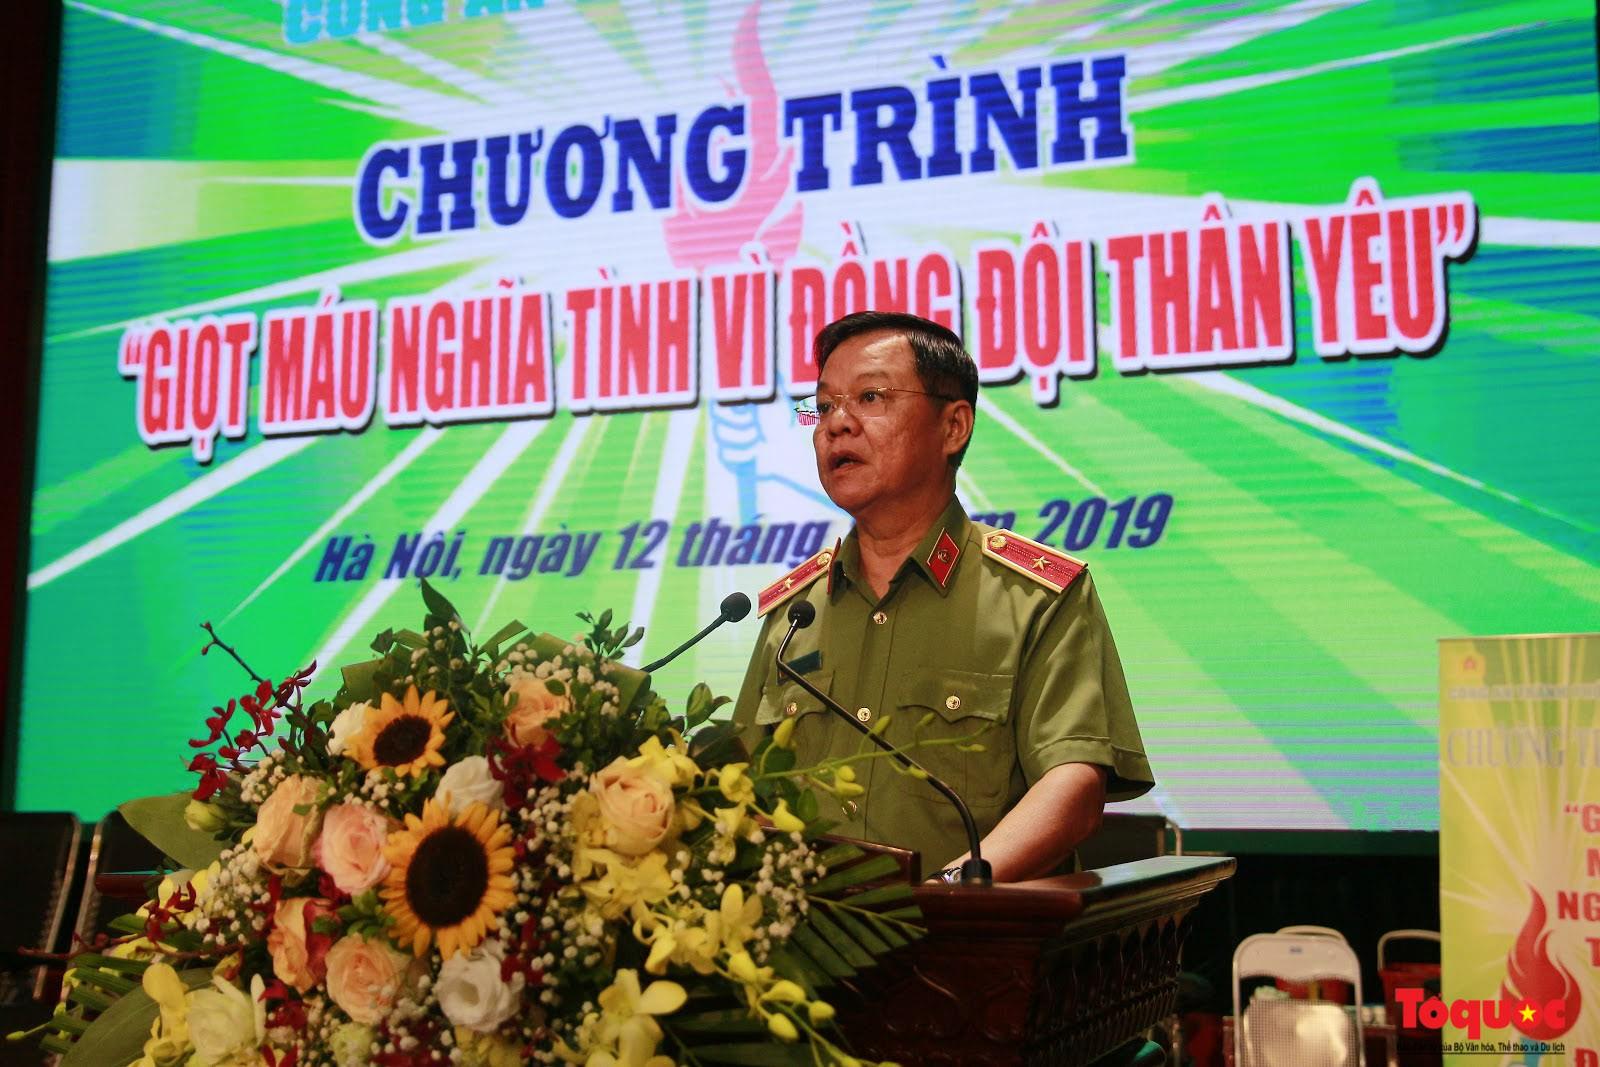 Cán bộ, chiến sỹ CATP Hà Nội hiến máu nghĩa tình vì đồng đội thân yêu (10)